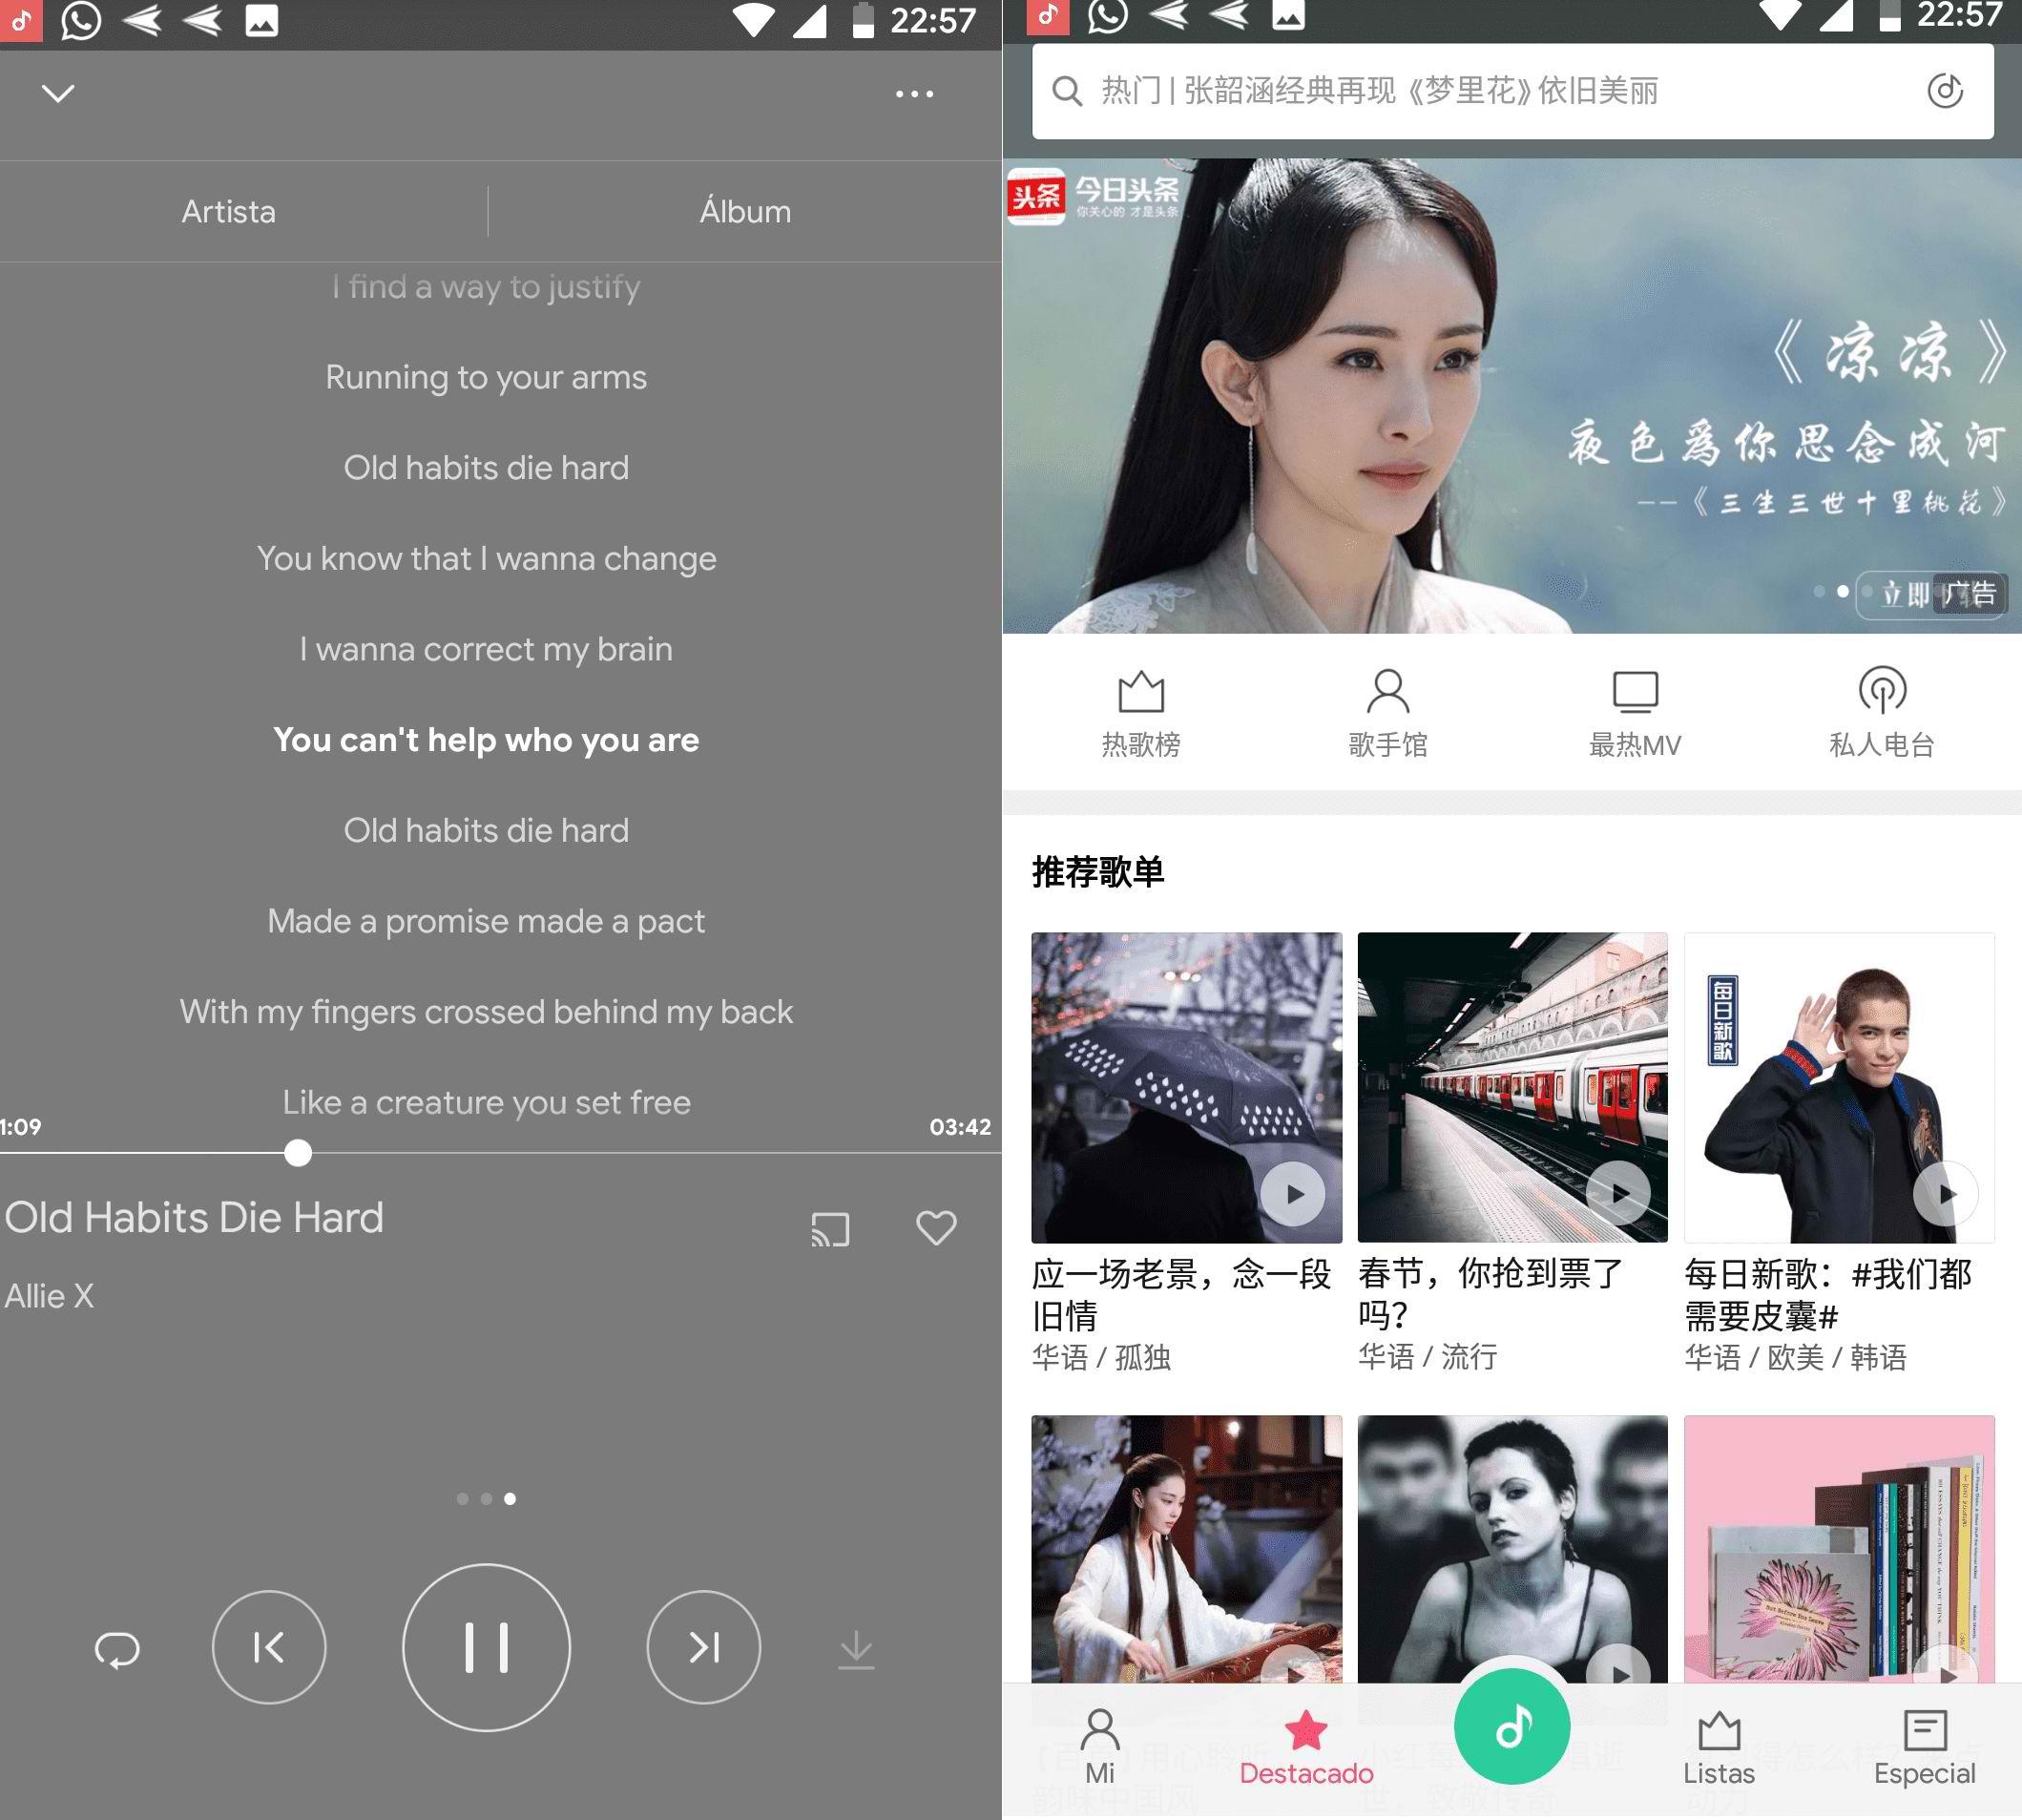 دانلود موزیک پلیر رسمی شیاومی اندروید MIUI Music Player